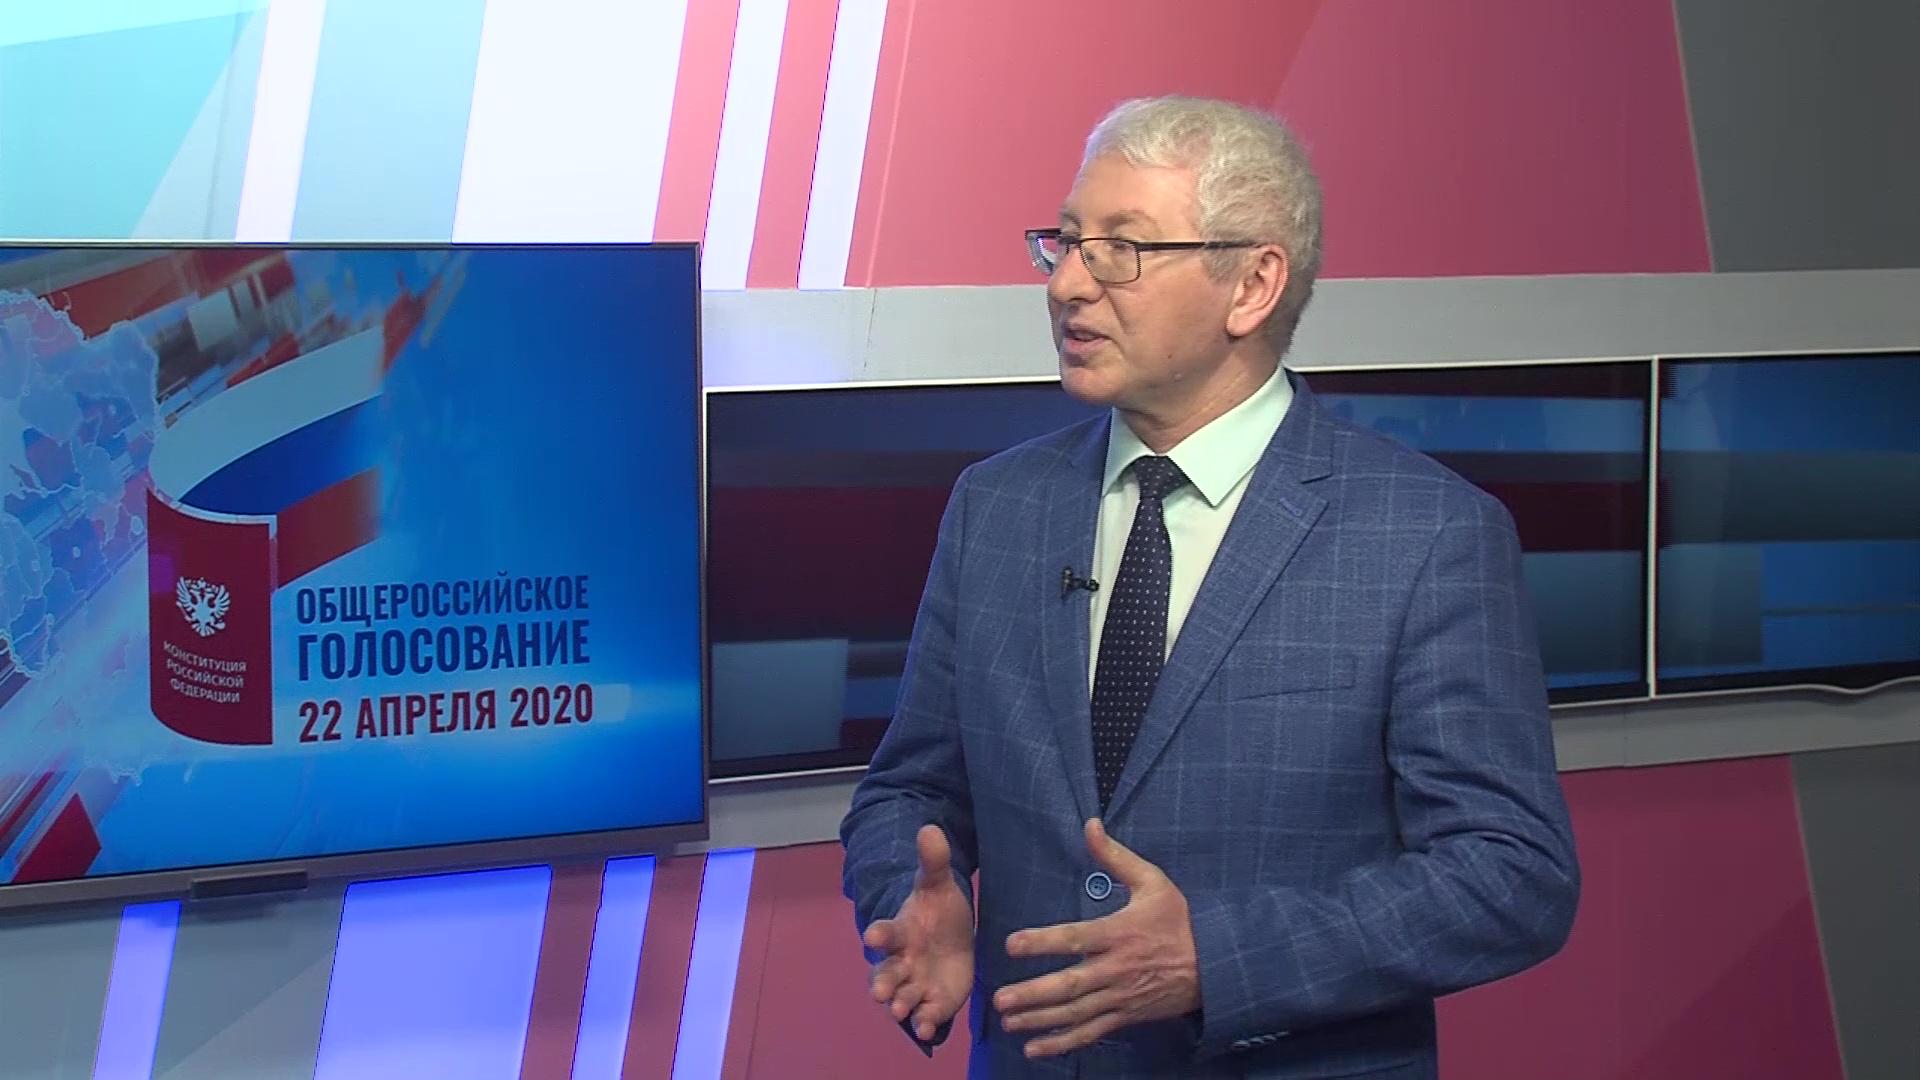 Нур-Эл Хасиев: «Защита культуры каждого из 193 народов России – очень важная поправка в Конституции»